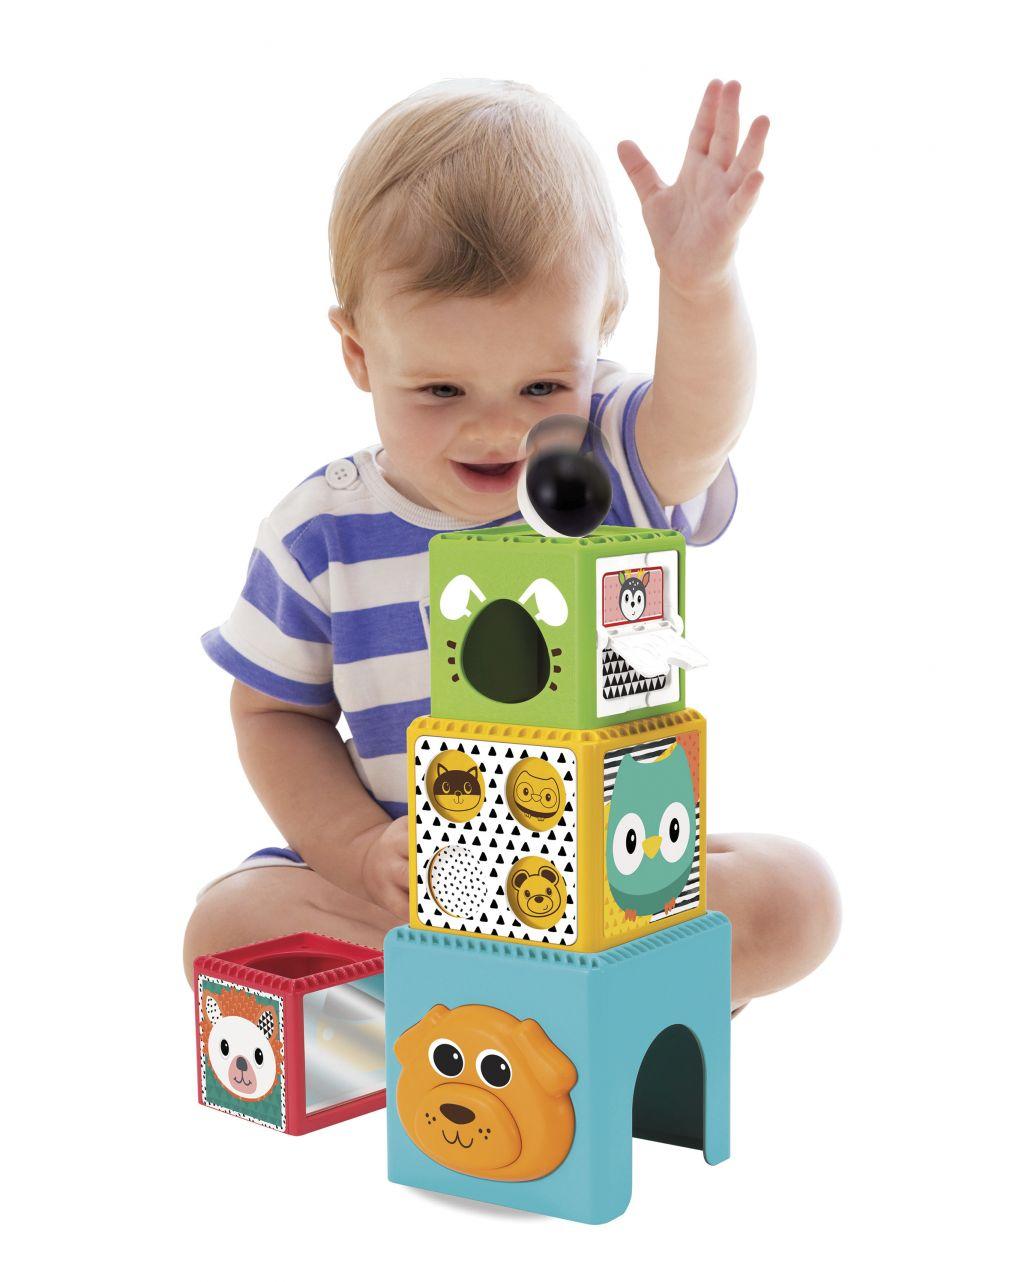 Bkids - gioco cubi e palla - B-kids